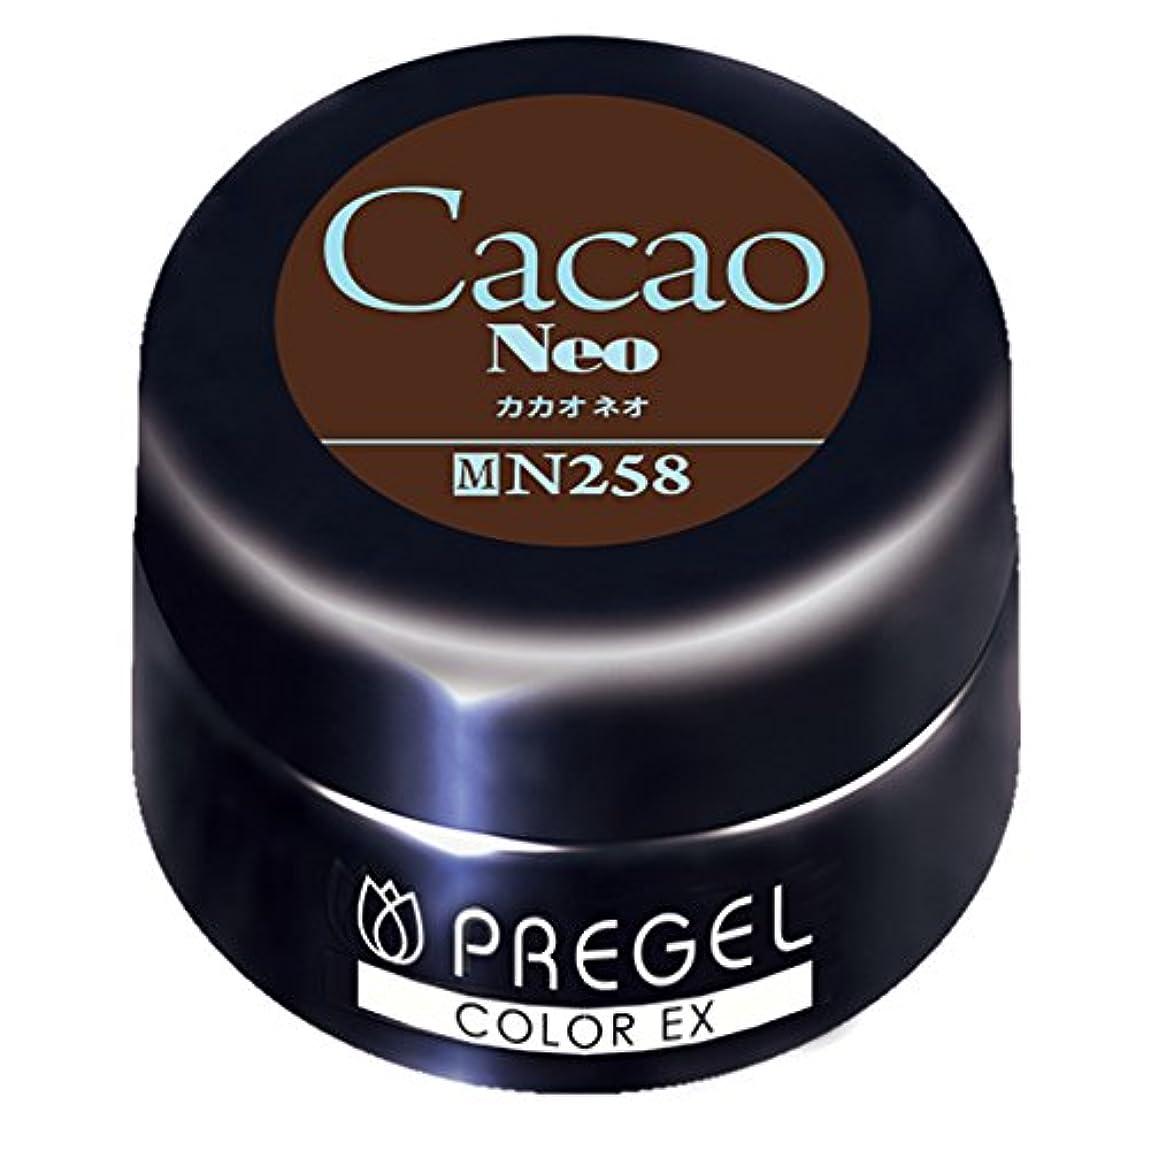 柱合理化正当なPRE GEL カラーEX カカオneo 258 4g UV/LED対応